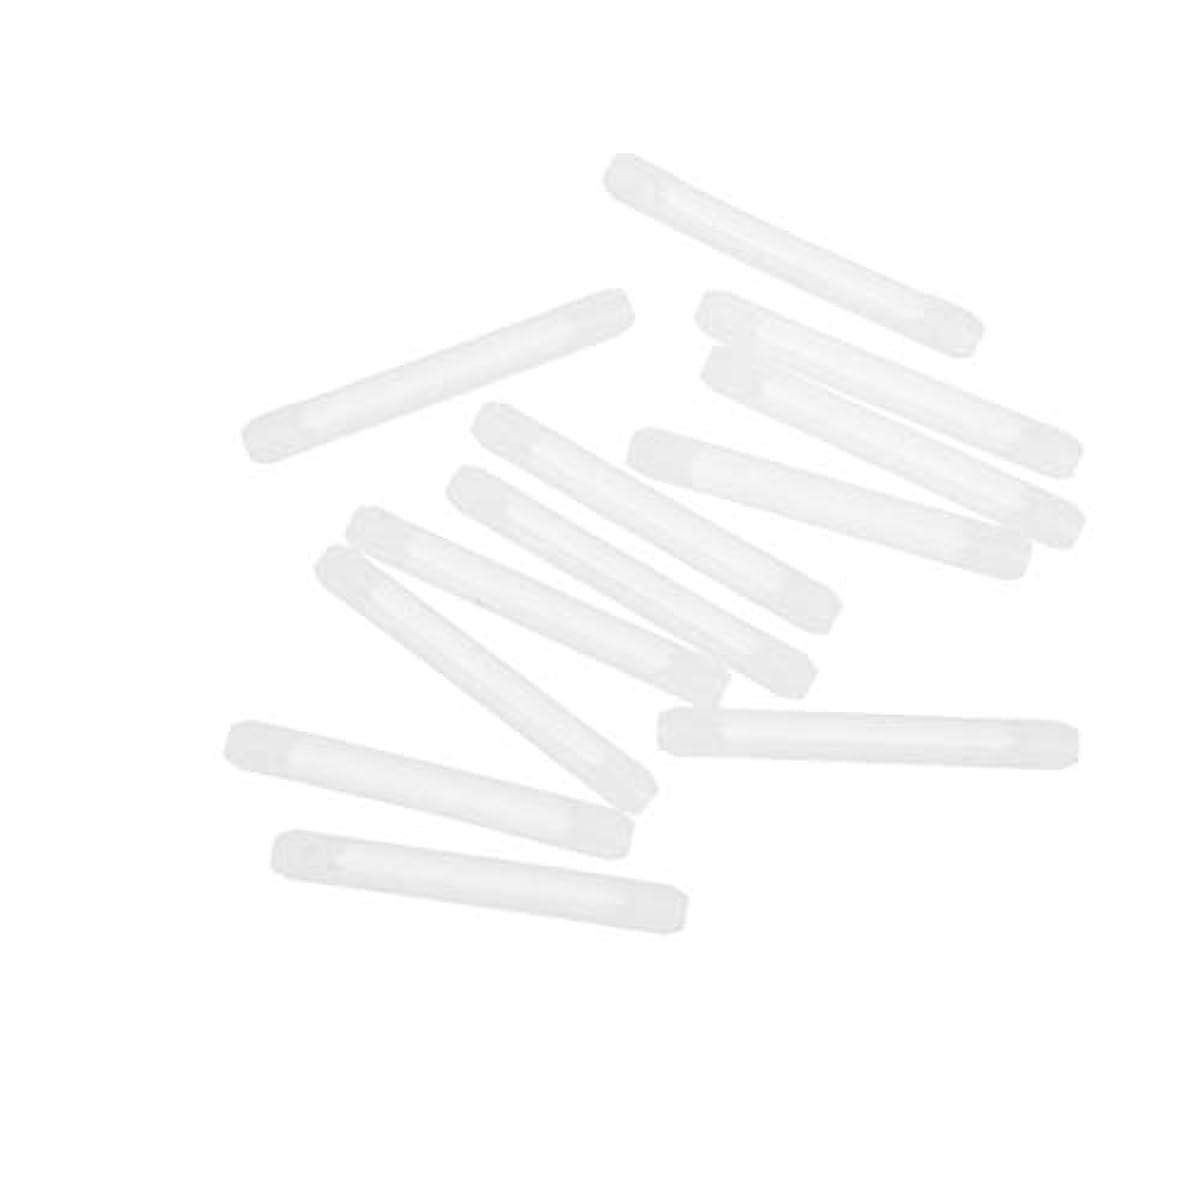 礼拝タブレットあざHealifty メガネホルダー滑り止めシリコンメガネアクセサリー20pcs(ホワイト)